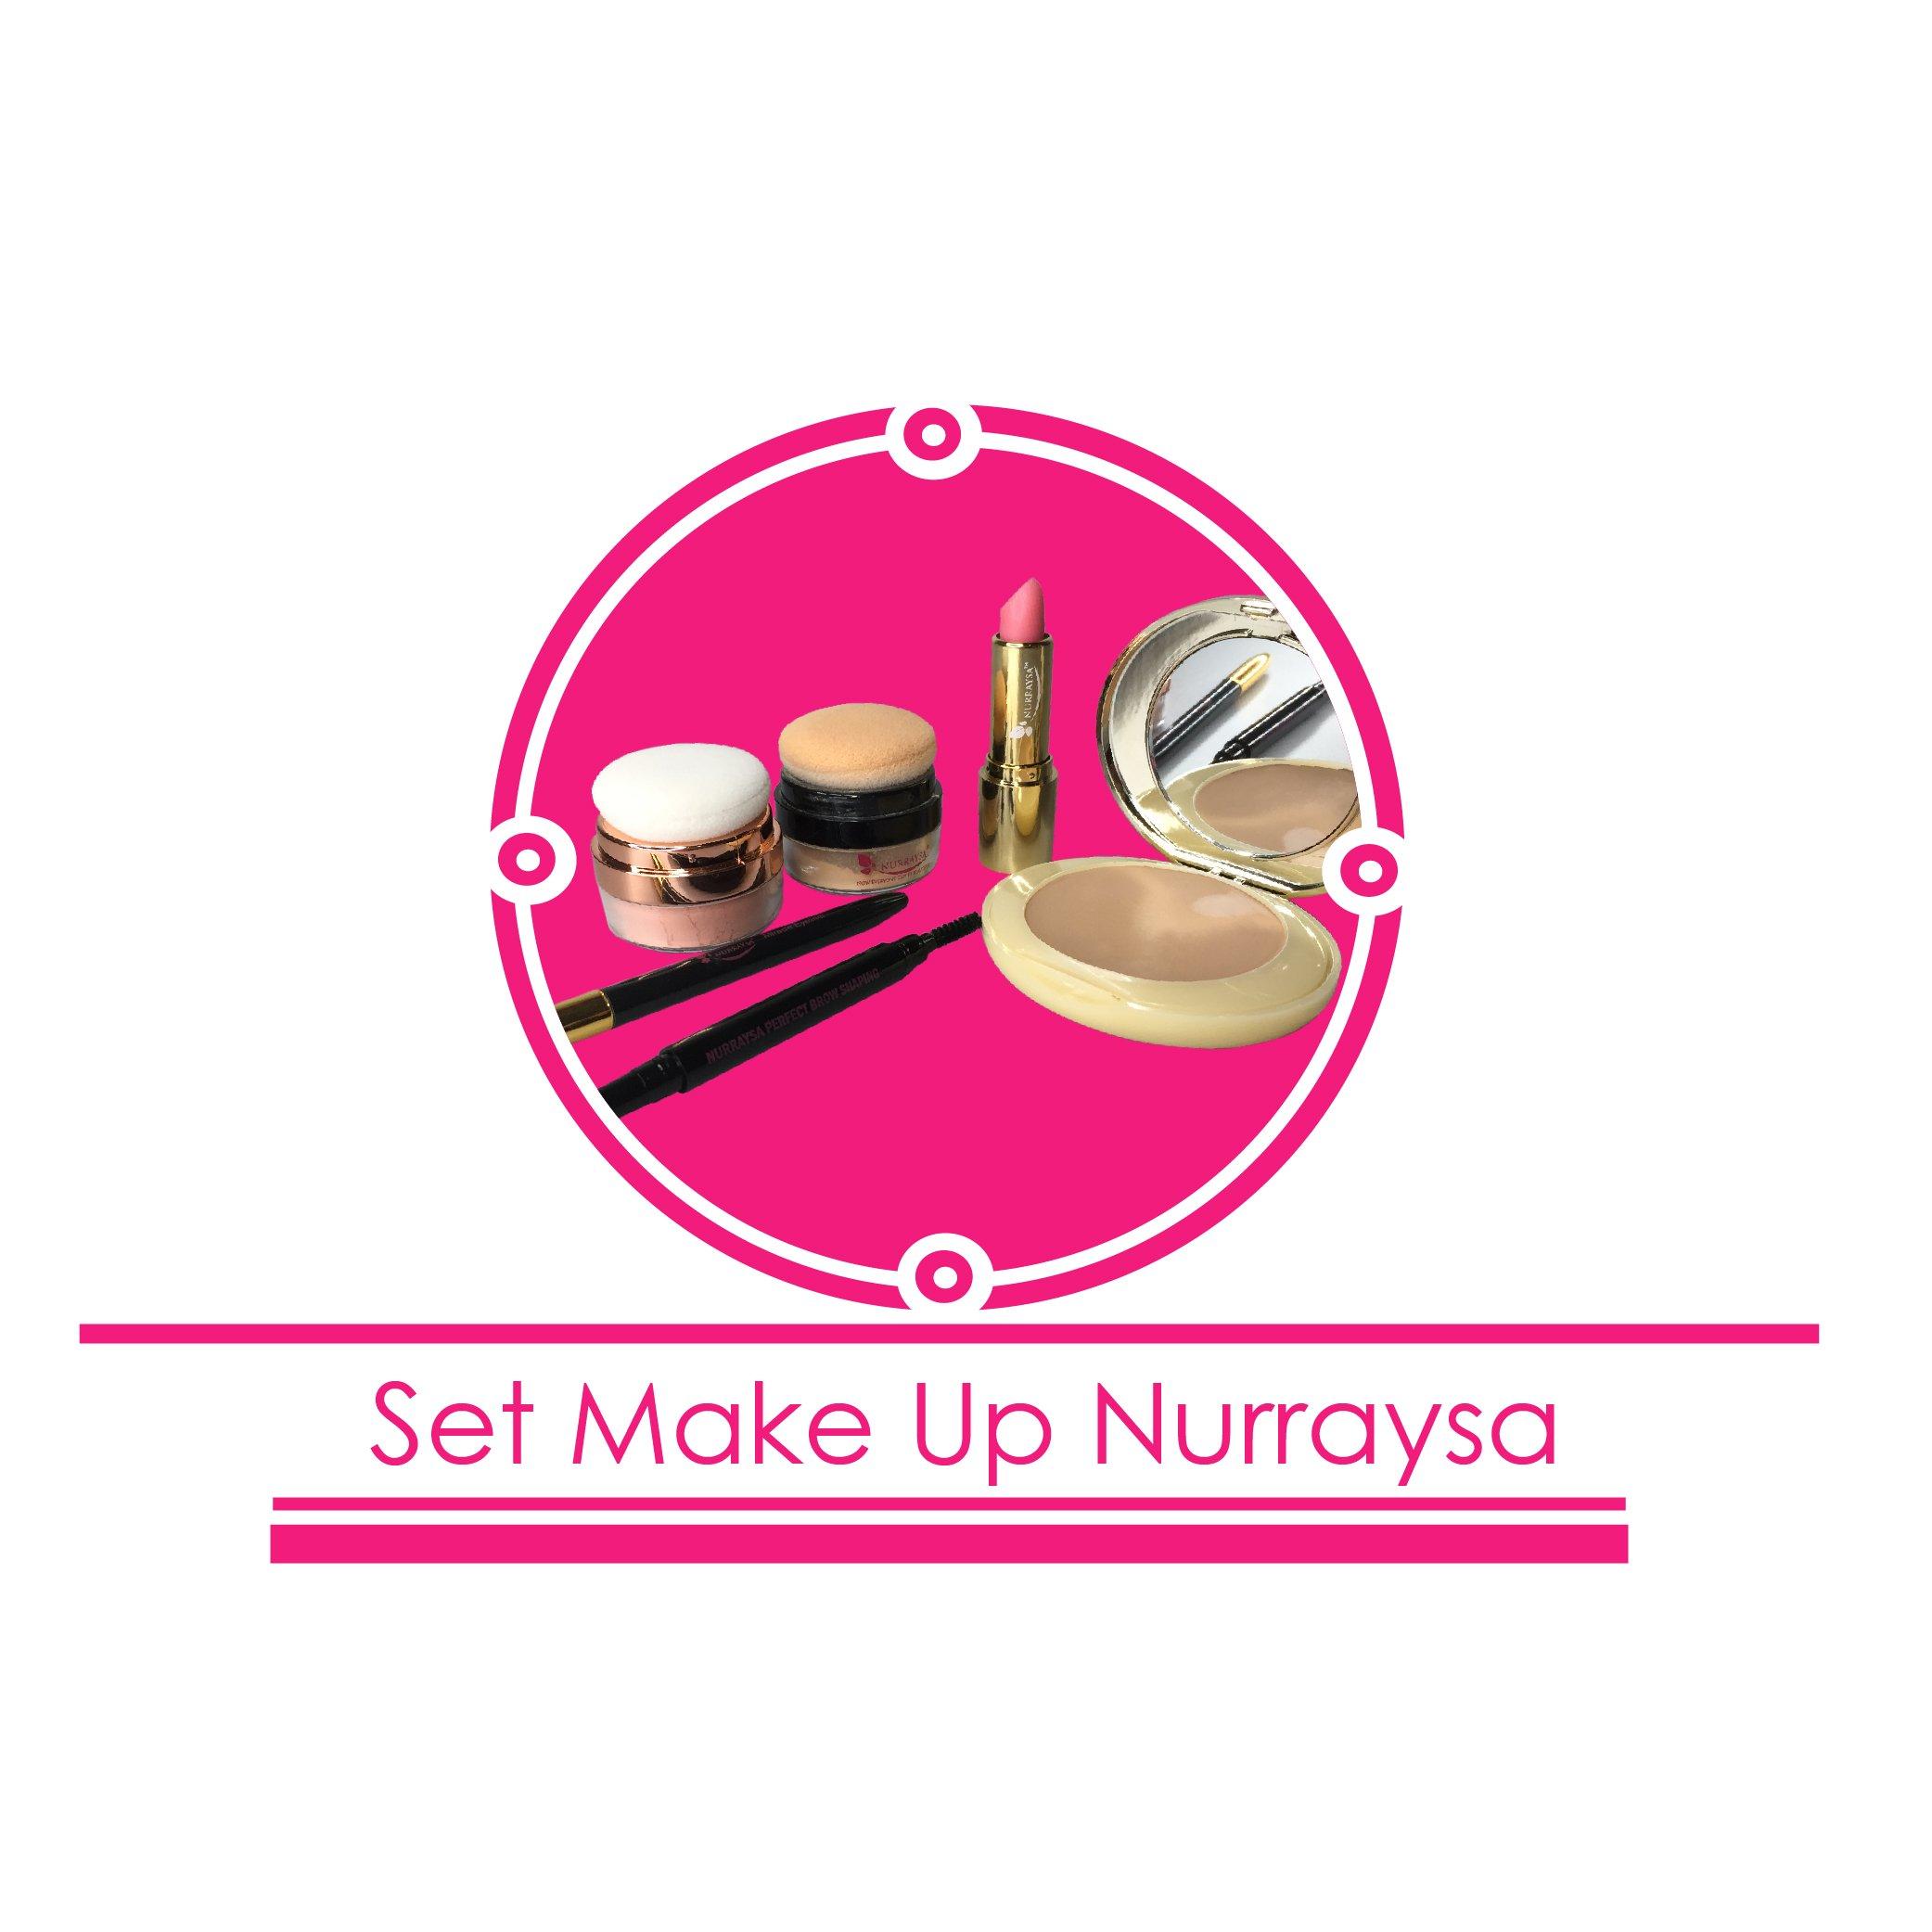 set makeup nurraysa-01